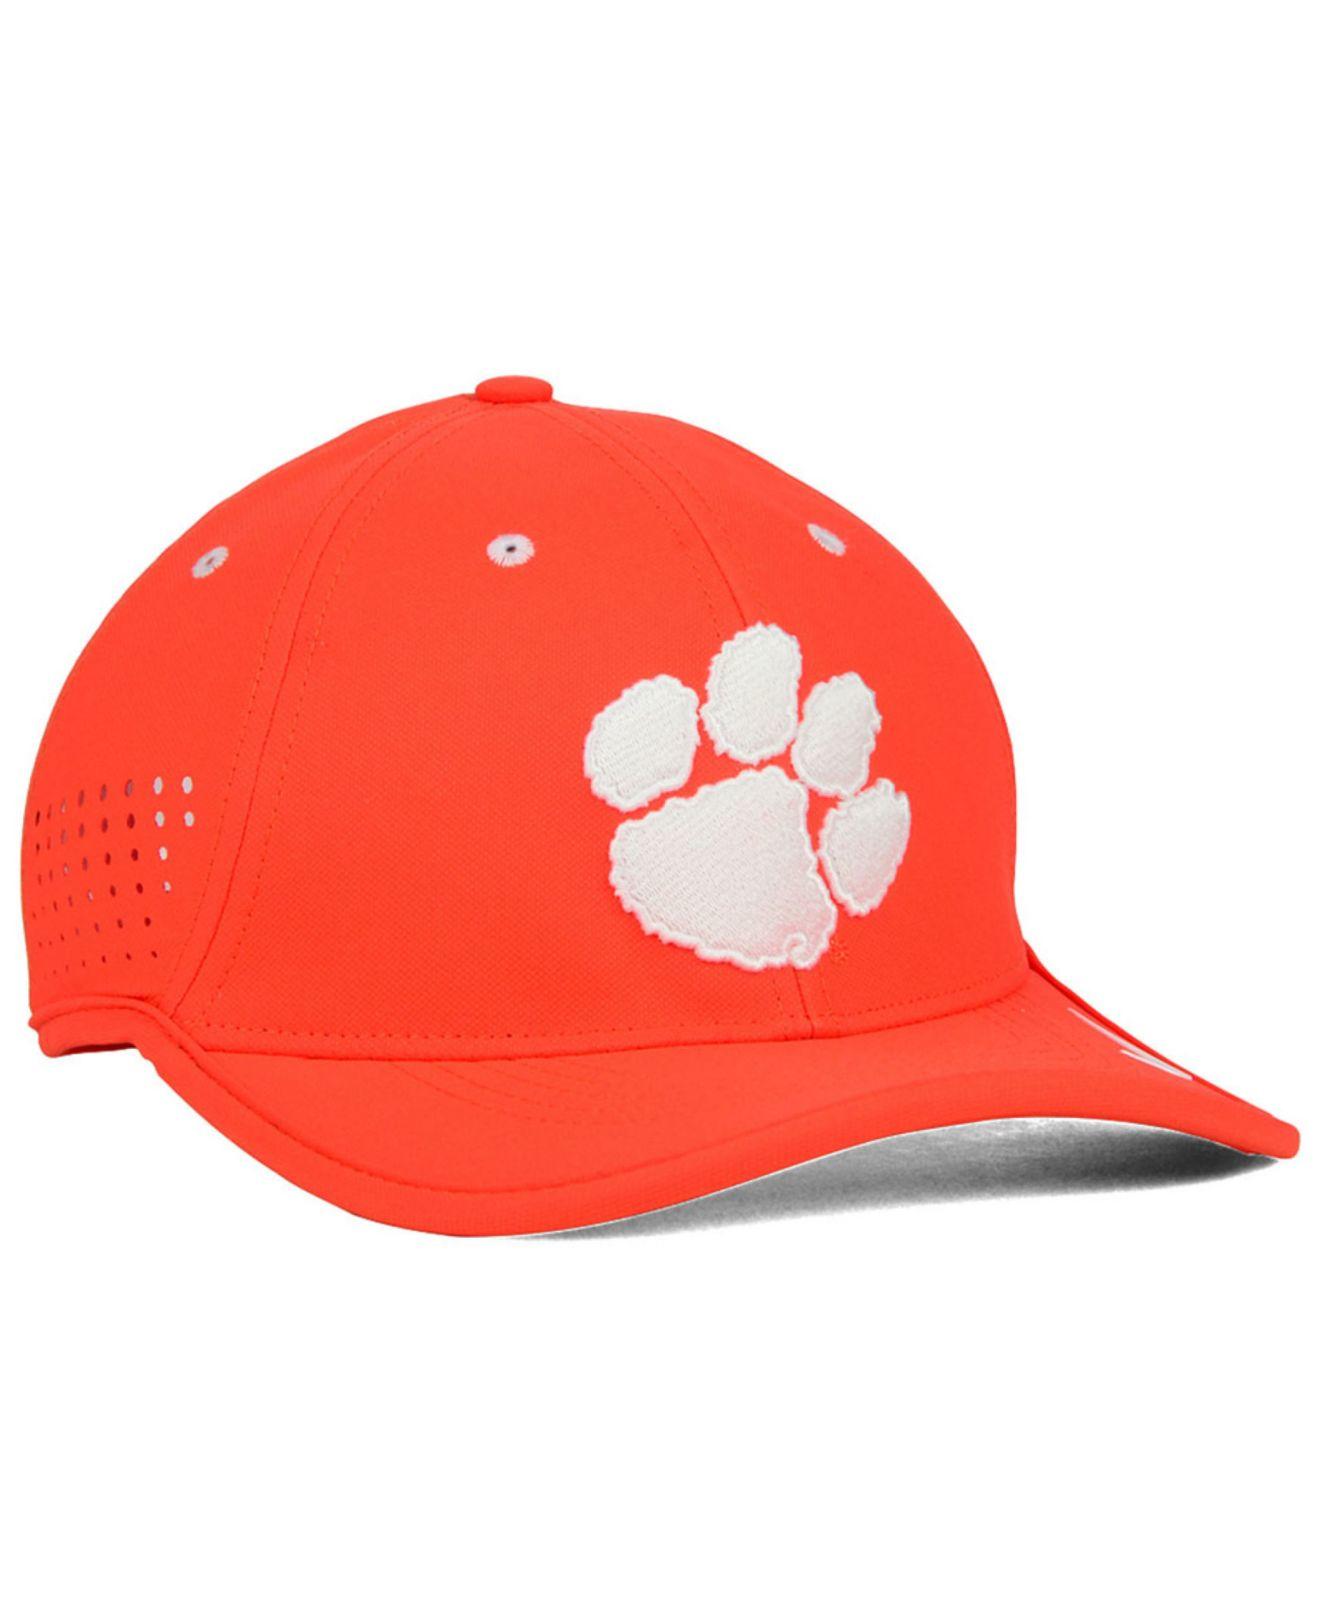 separation shoes 8d168 fd587 ... cheap lyst nike clemson tigers dri fit coaches cap in orange for men  d5ba3 50baa